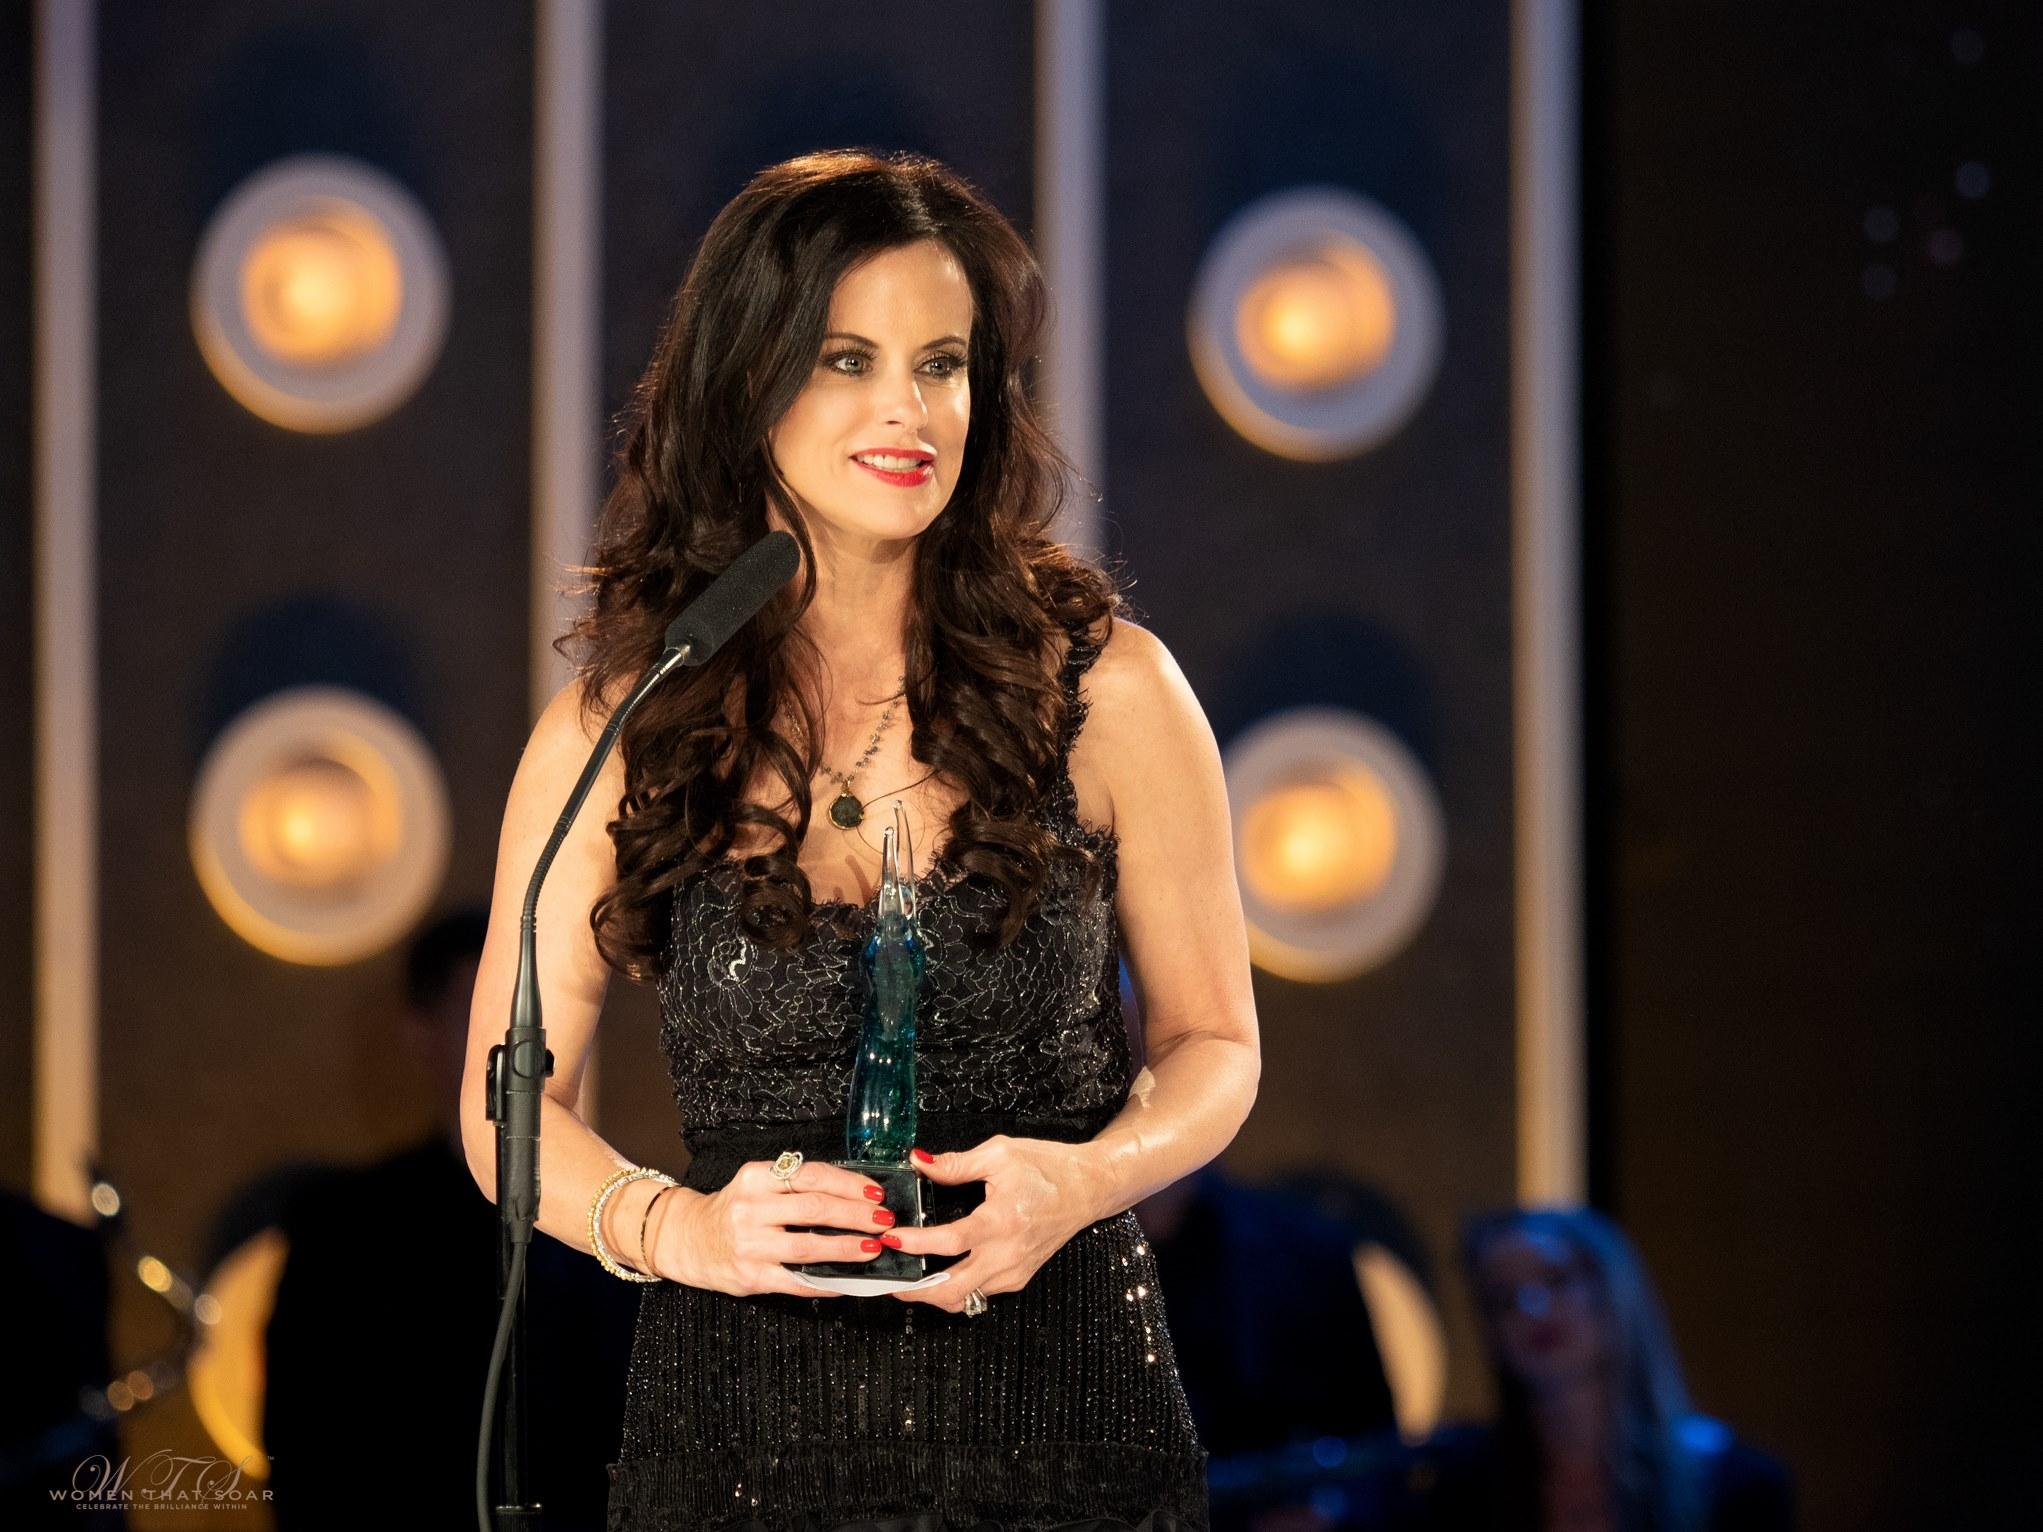 The Fielder Report ~ The Women That Soar Awards